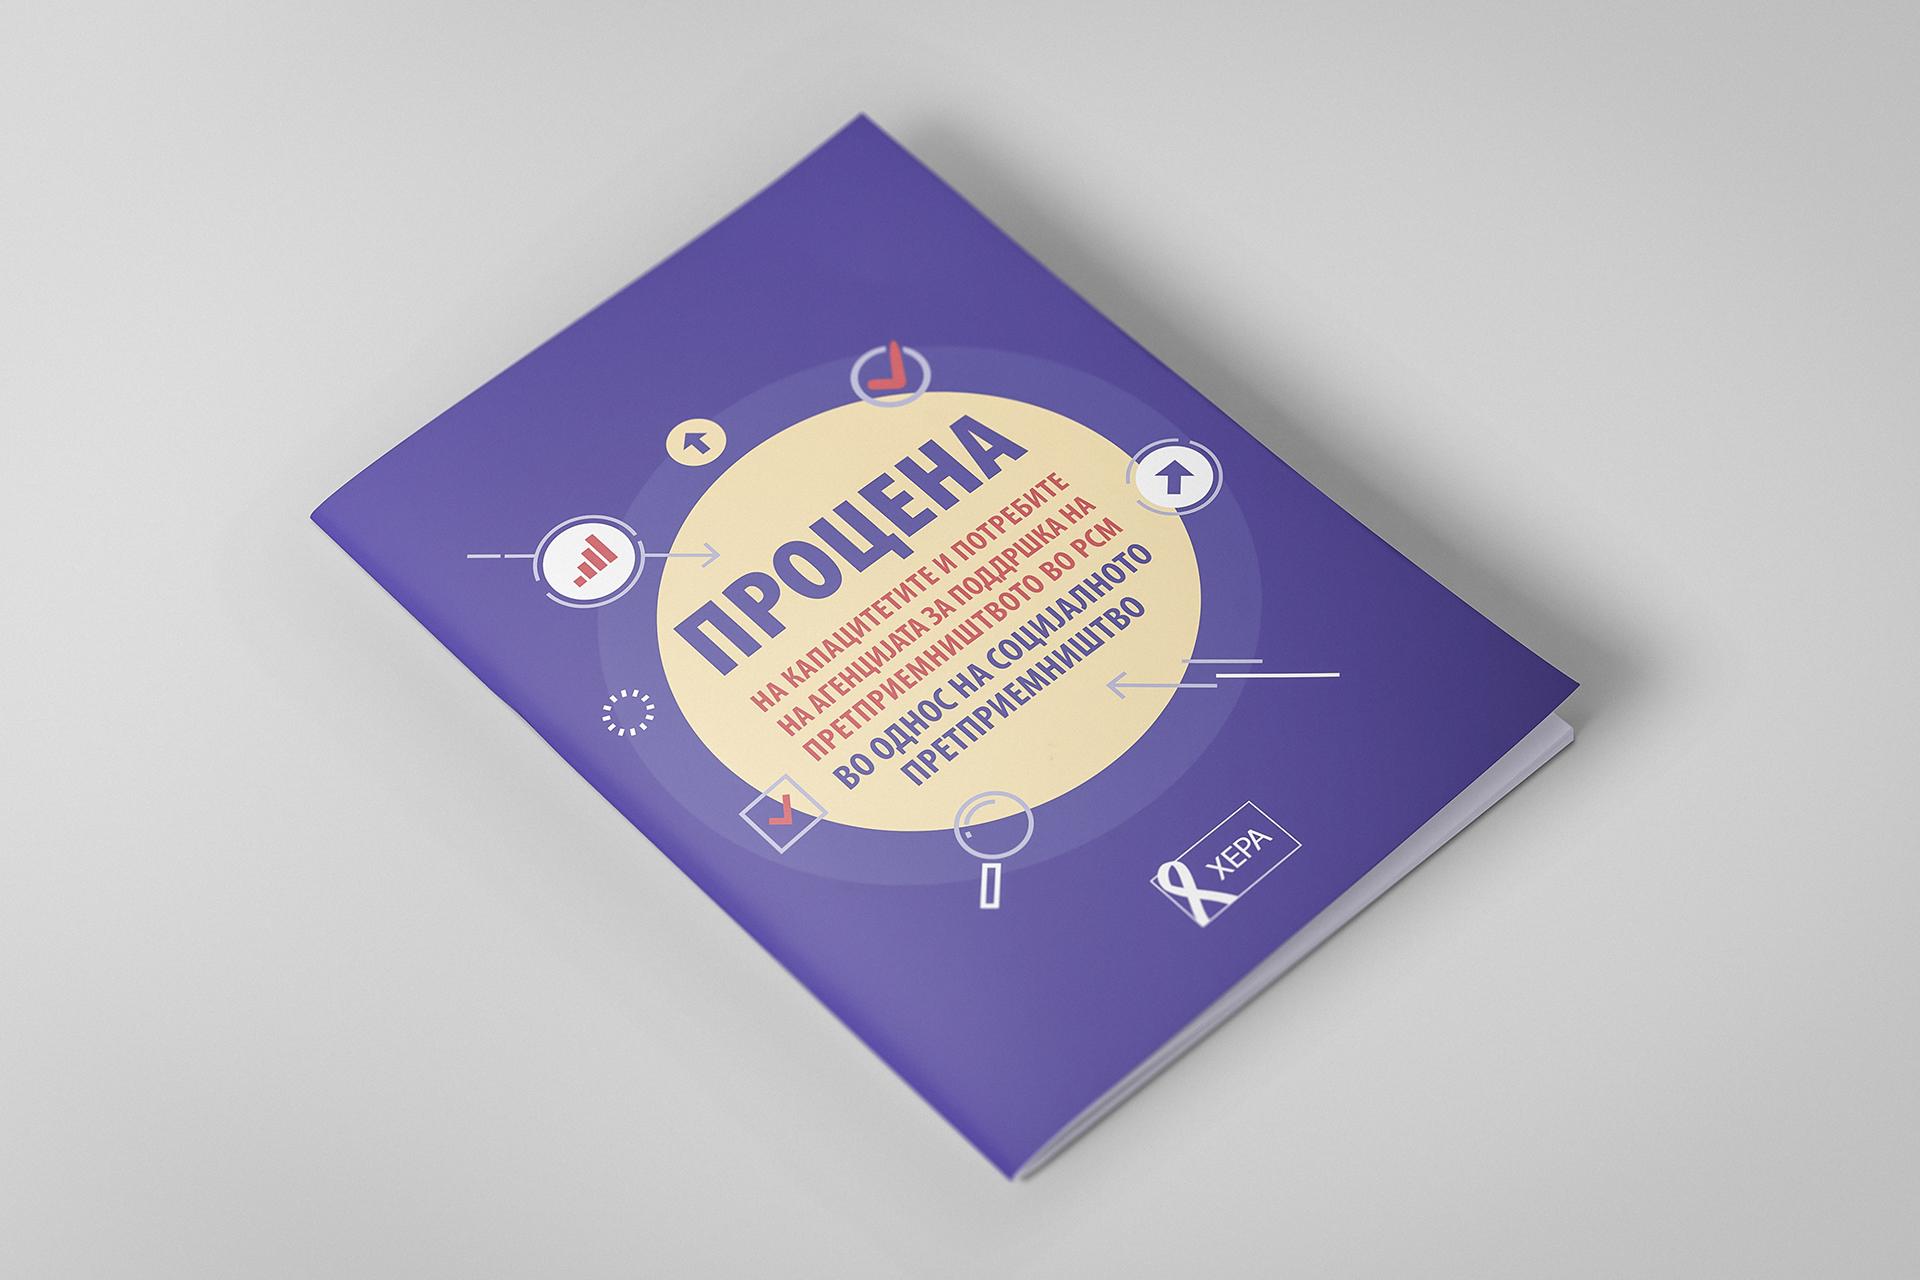 Процена на капацитетите и потребите на АППРСМ во однос на социјалното претприемништво